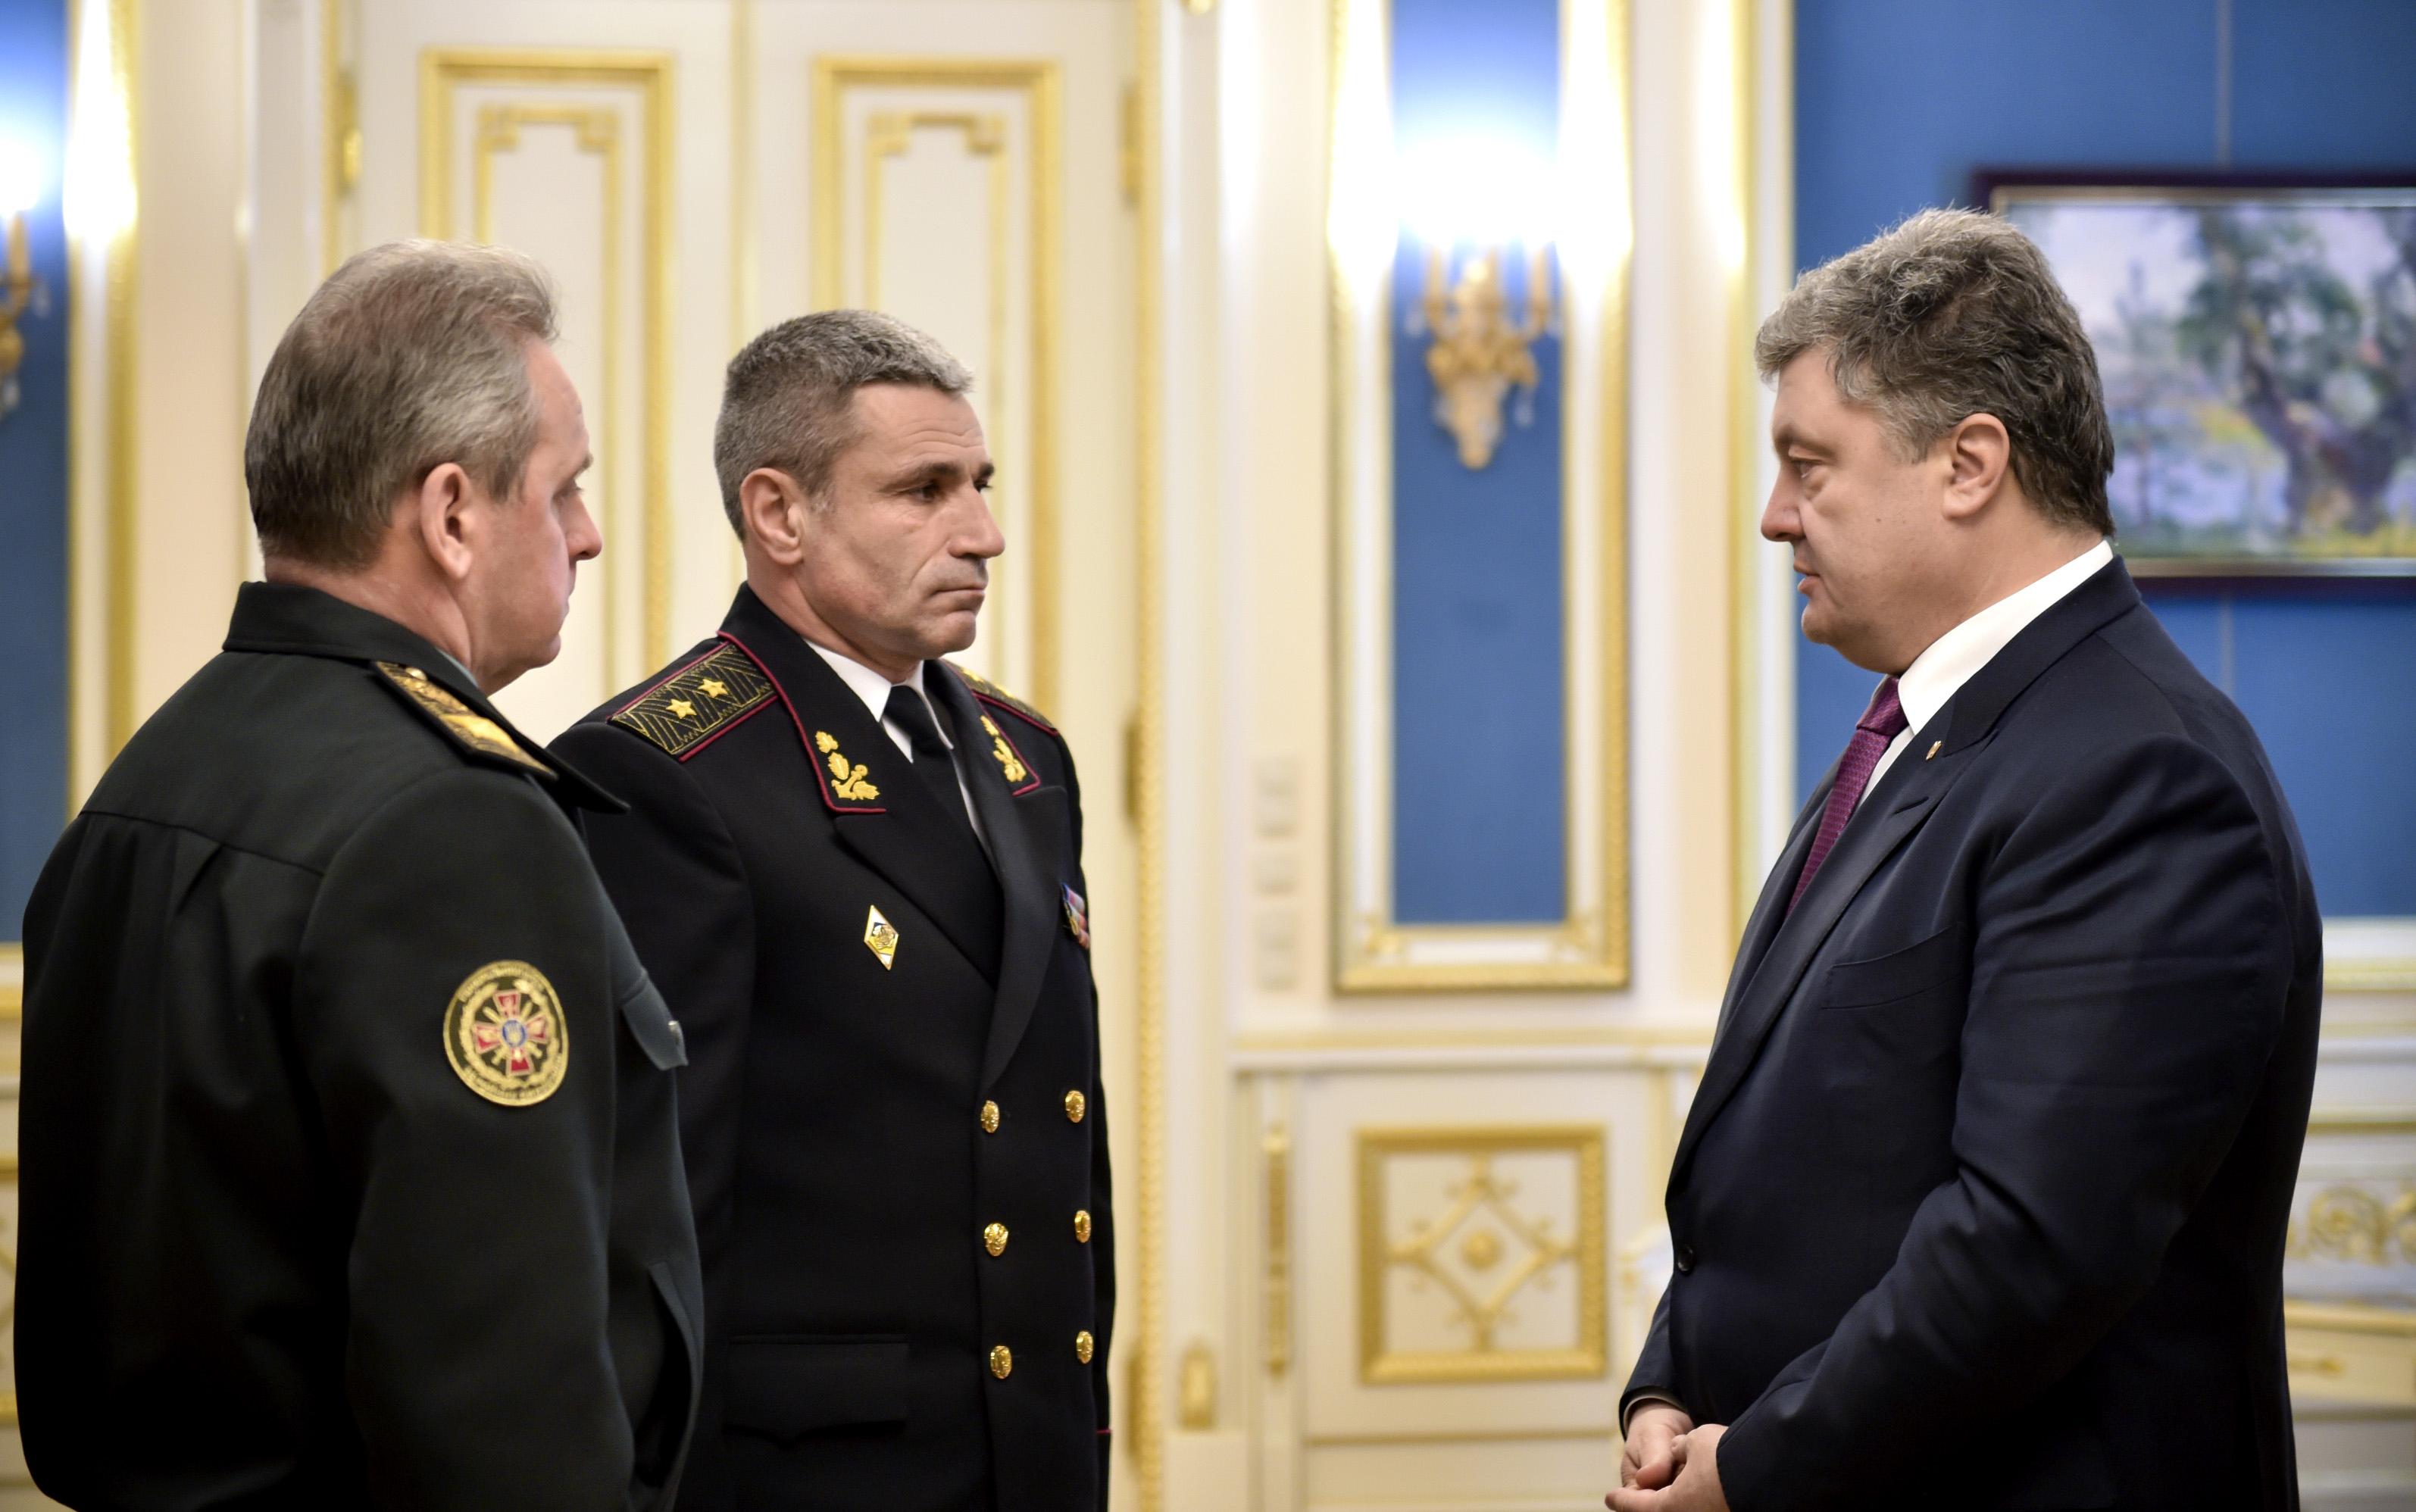 Что известно о новом и уже легендарном командующем украинским флотом генерале Воронченко